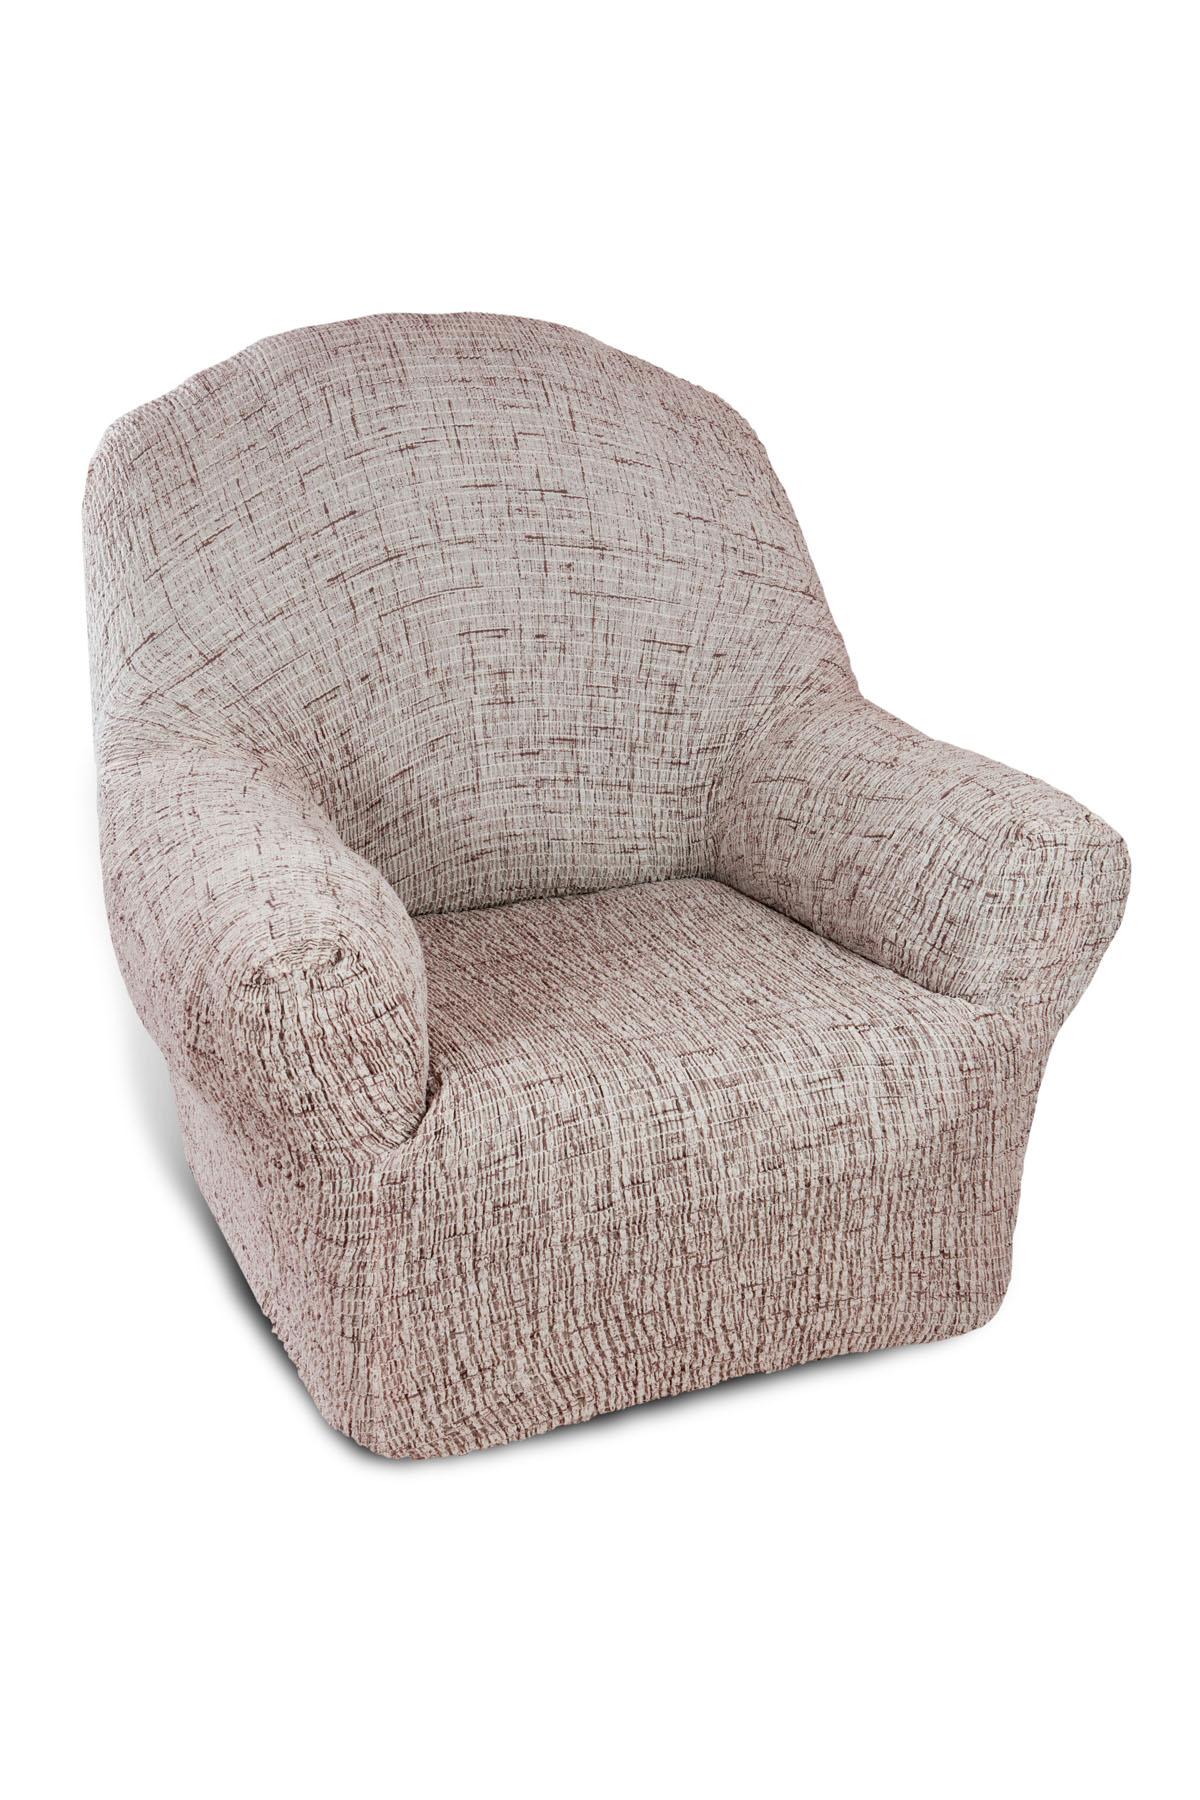 Чехол на кресло Еврочехол Плиссе, цвет: светло-бежевый, коричневый, 60-90 смTHN132NЧехол на кресло Еврочехол Плиссе выполнен из 50% хлопка и 50% полиэстера. Такой состав ткани гипоаллергенен, а потому безопасен для малышей или людей пожилого возраста. Такой чехол защитит вашу мебель от повседневных воздействий. Дизайн чехла отлично впишется в интерьер, выполненный из натуральных материалов. Приятный оттенок придаст ощущение свежести и единения с природой. Чехол Плиссе - отличный вариант для мебели в гостиной, кухне, спальне, детской или прихожей! Интерьер в стиле эко, кантри, фьюжн, хай-тек, скандинавских мотивов и других. Утонченный итальянский дизайн чехла отлично впишется в городские и загородные дома. Гарантированное итальянское качество производства обеспечит долгое пользование.Растяжимость чехла по спинке (без учета подлокотников): 60-90 см.